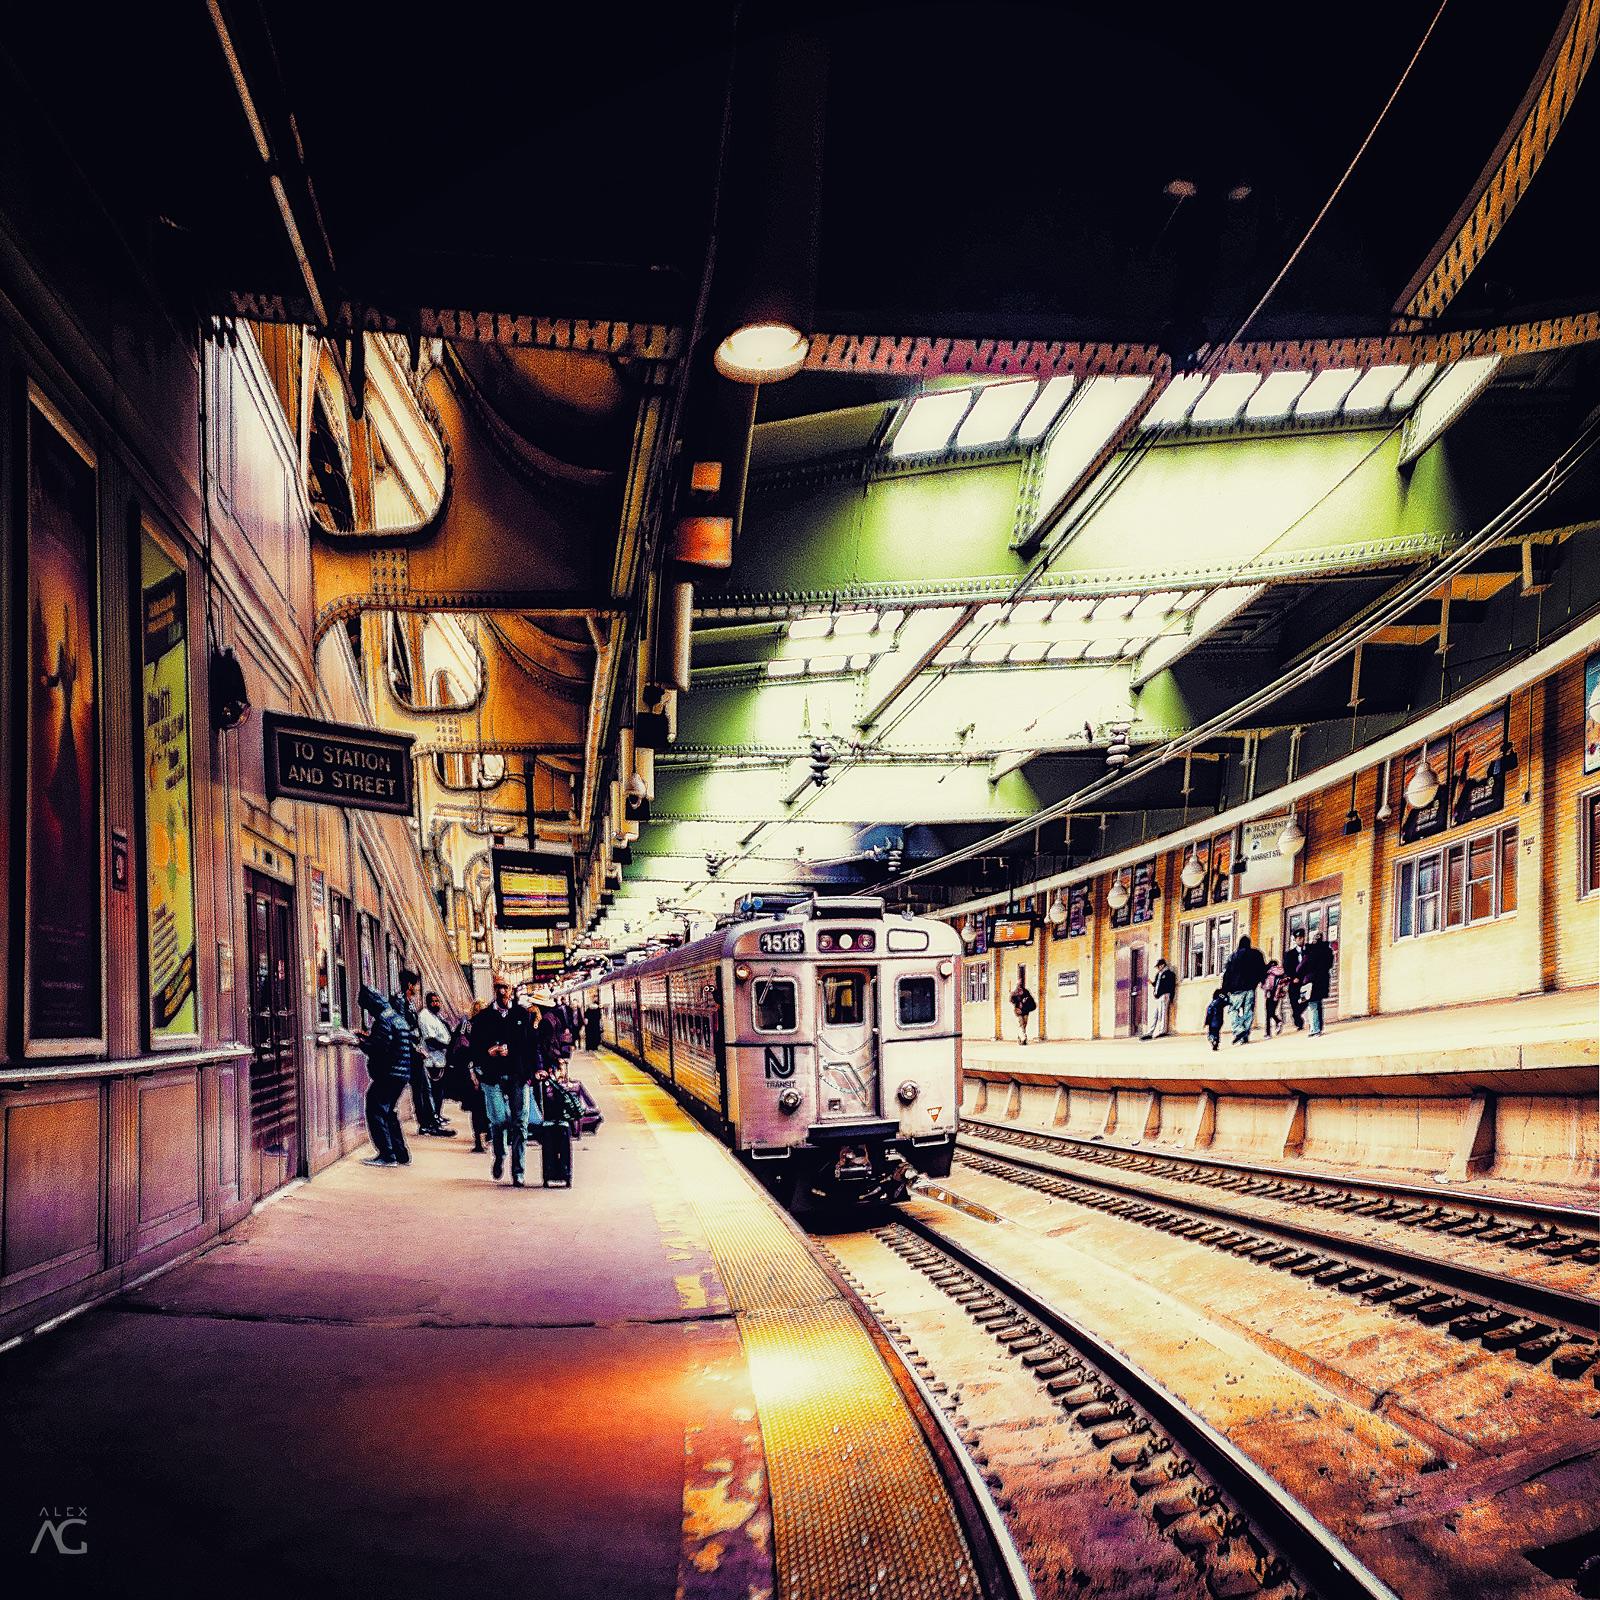 NJTransitOldTypeTrainOnNewarkStation_warped_1600